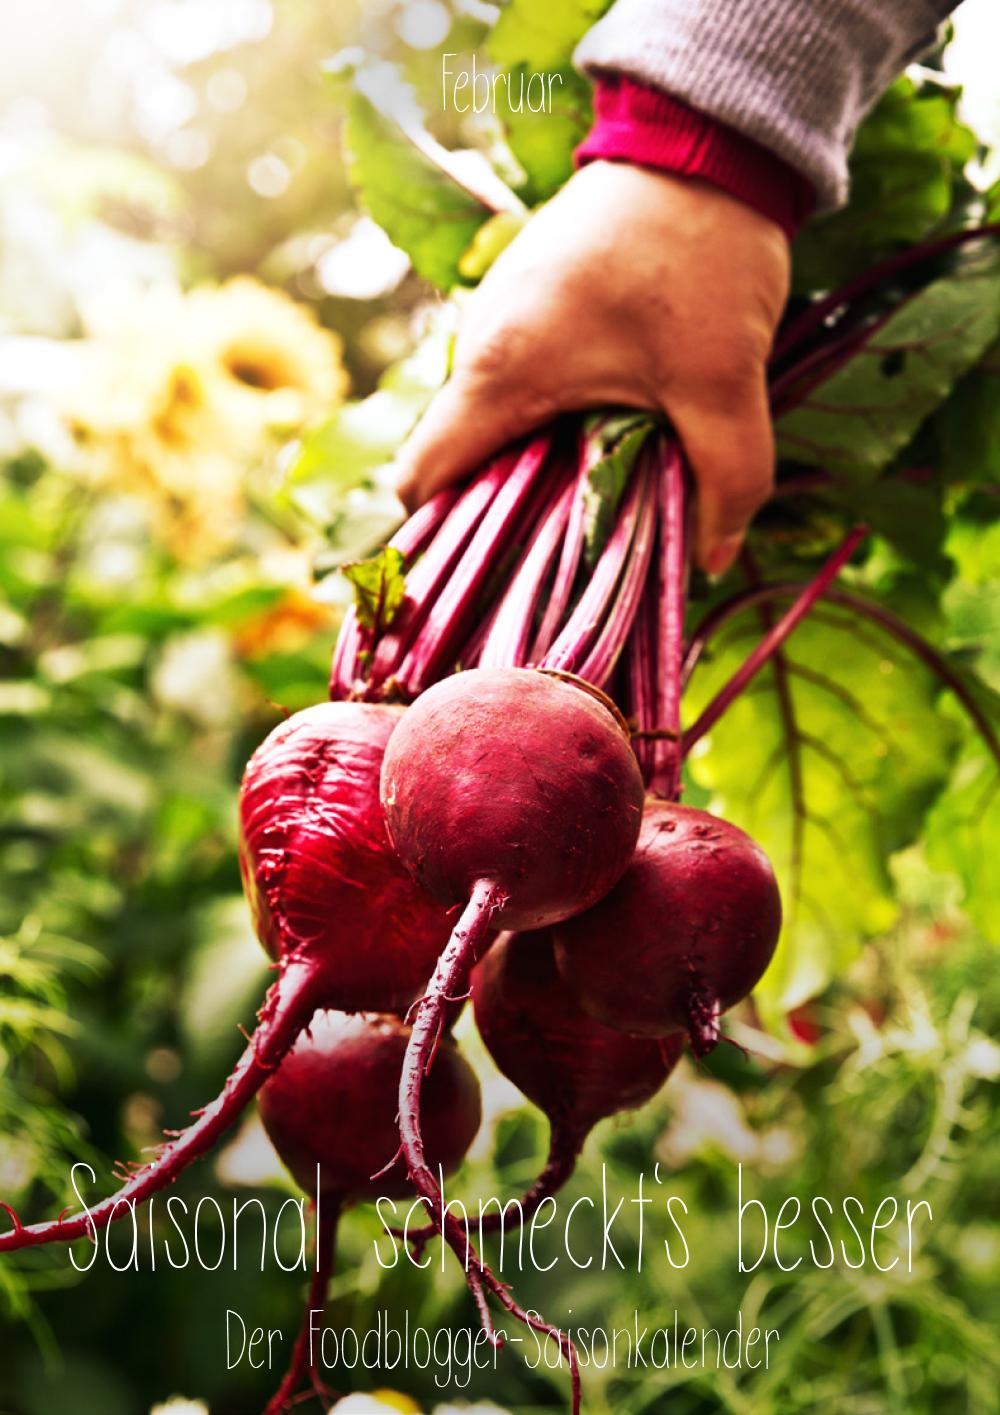 Saisonal-schmeckts-besser-Februar